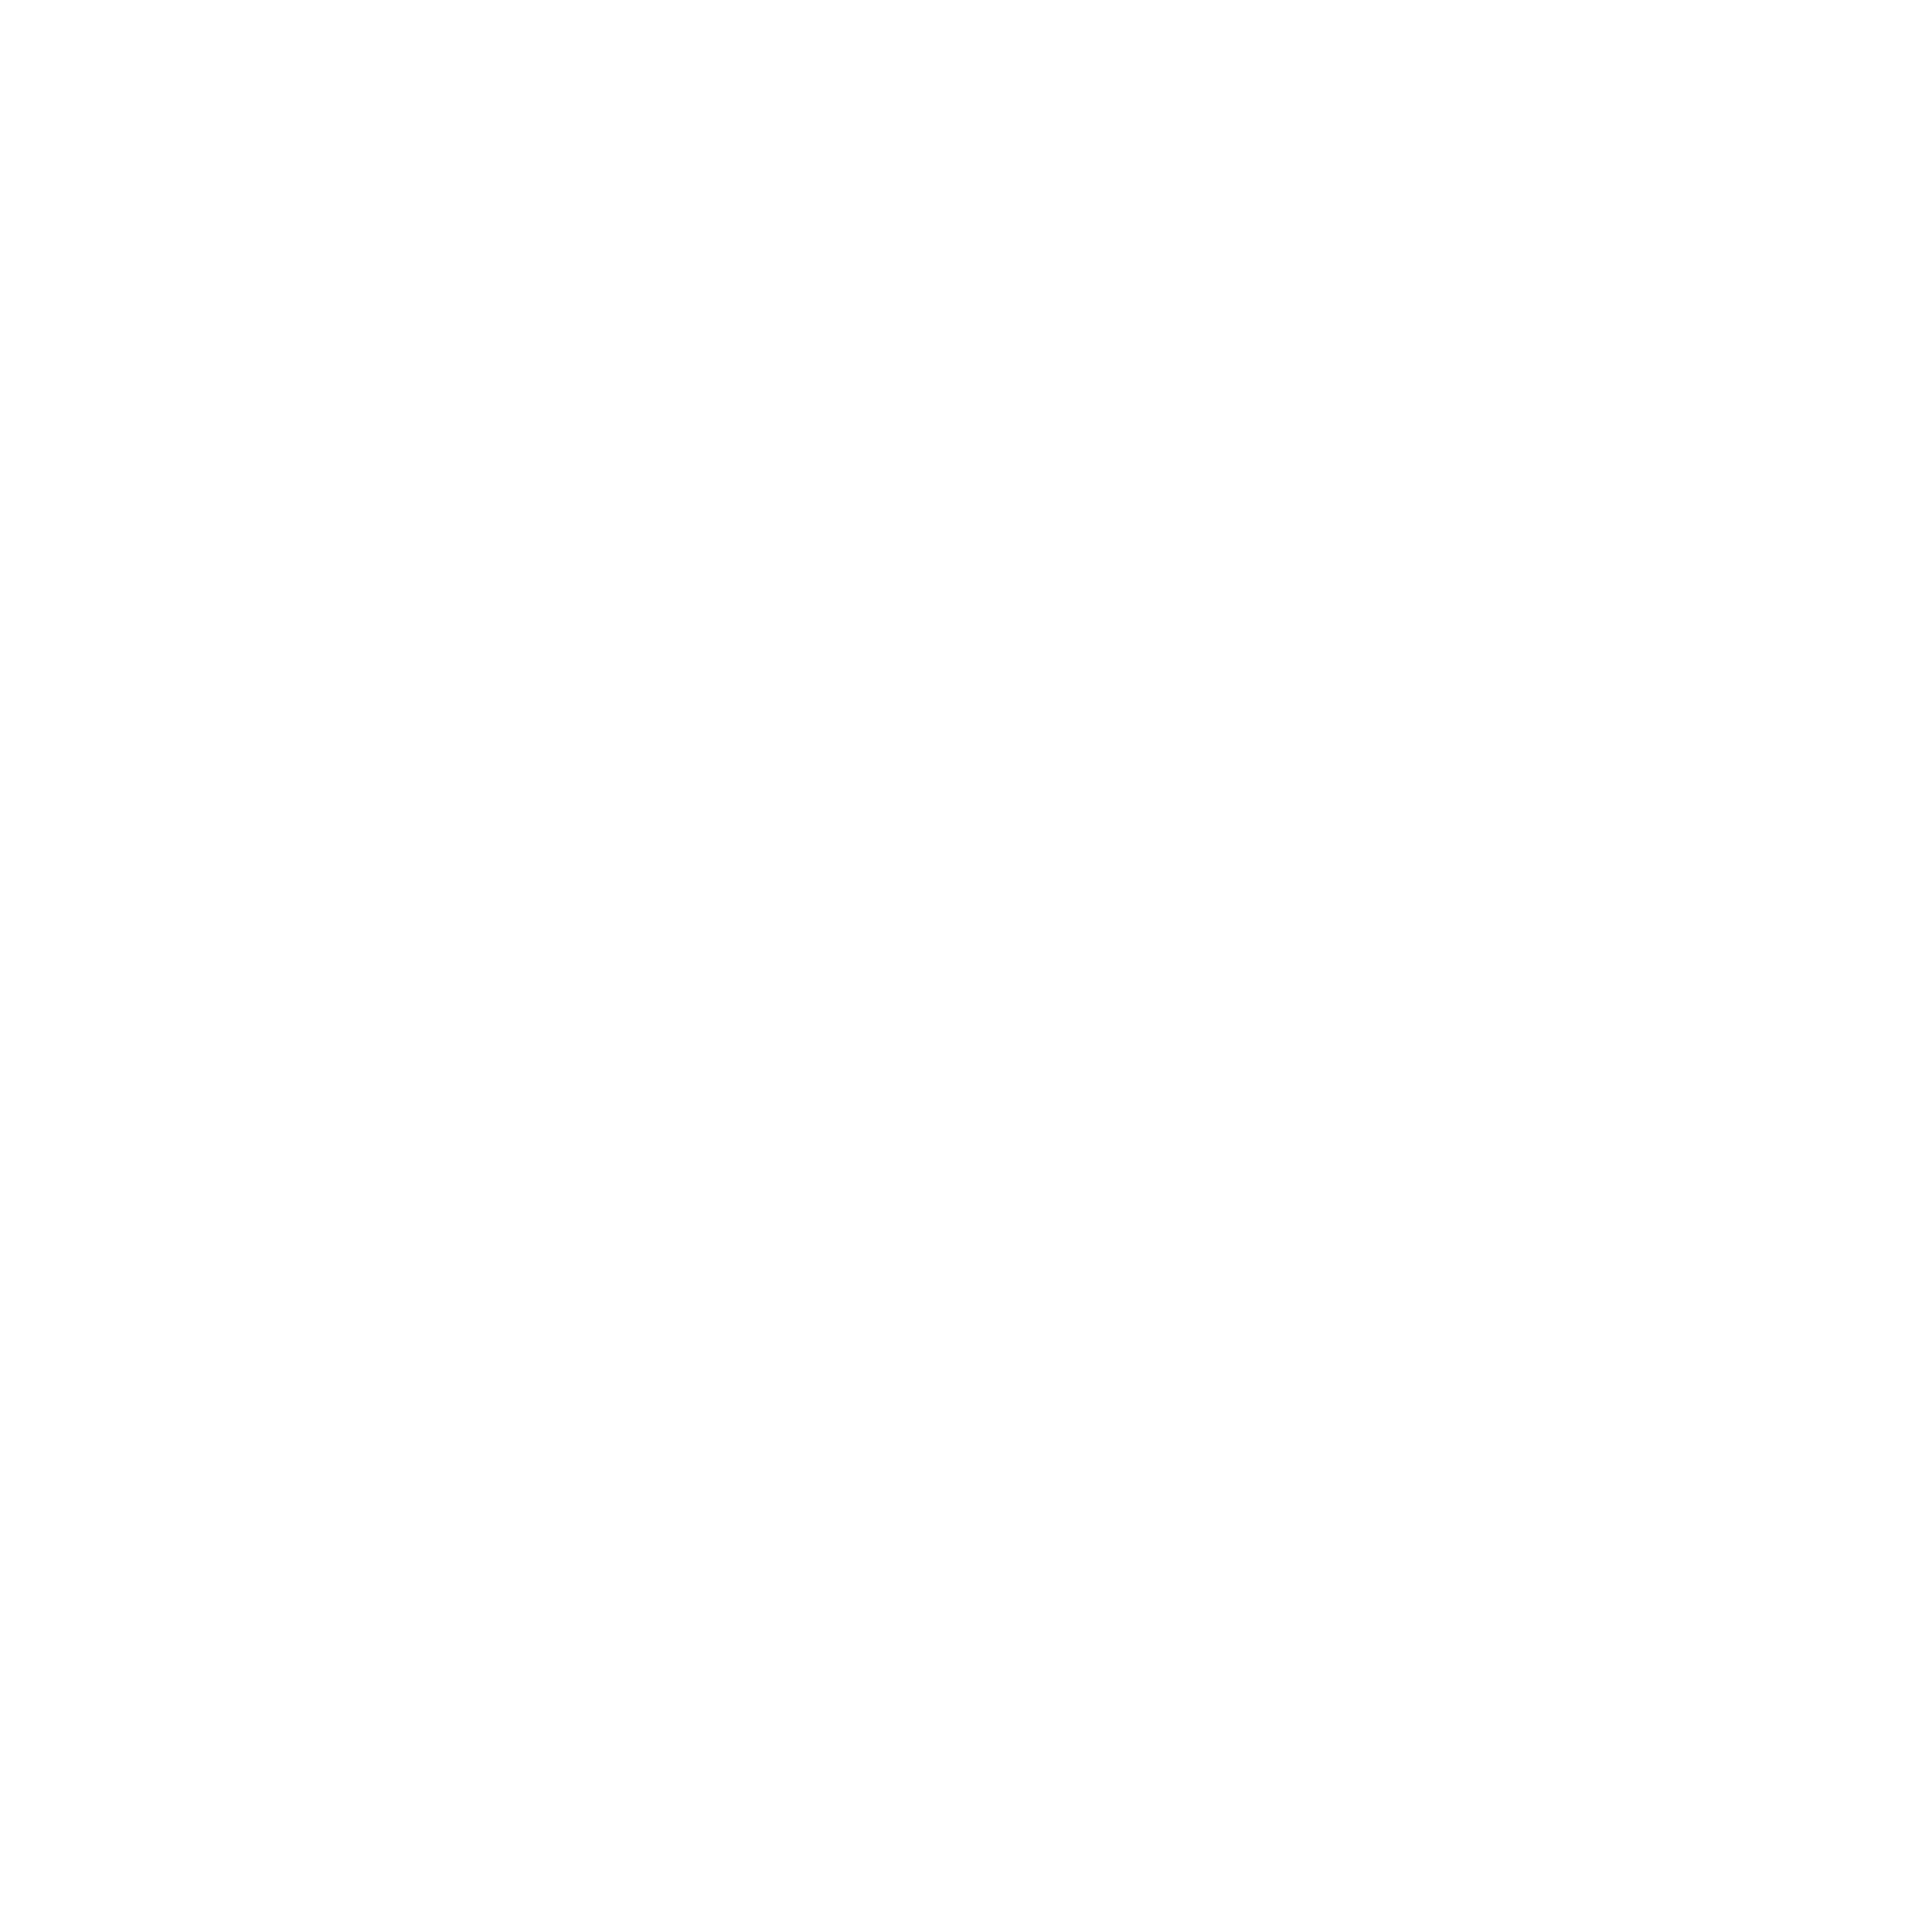 QiP Studio